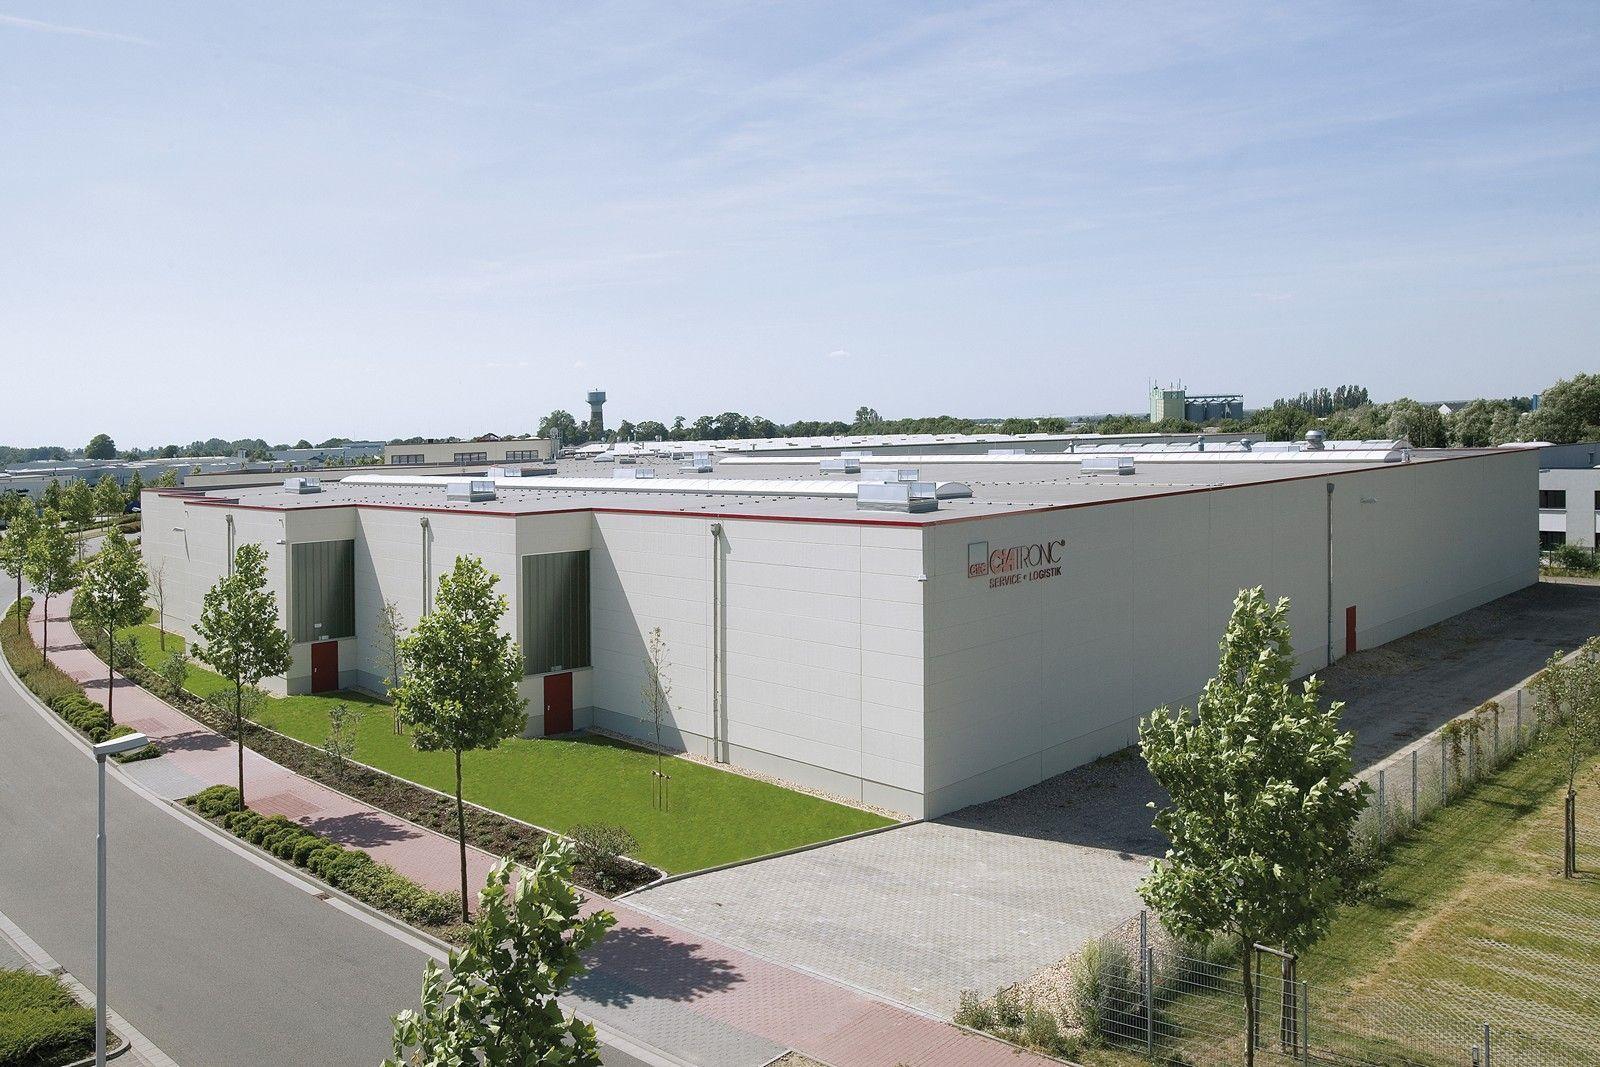 Oficinas de Clatronic en Kempen